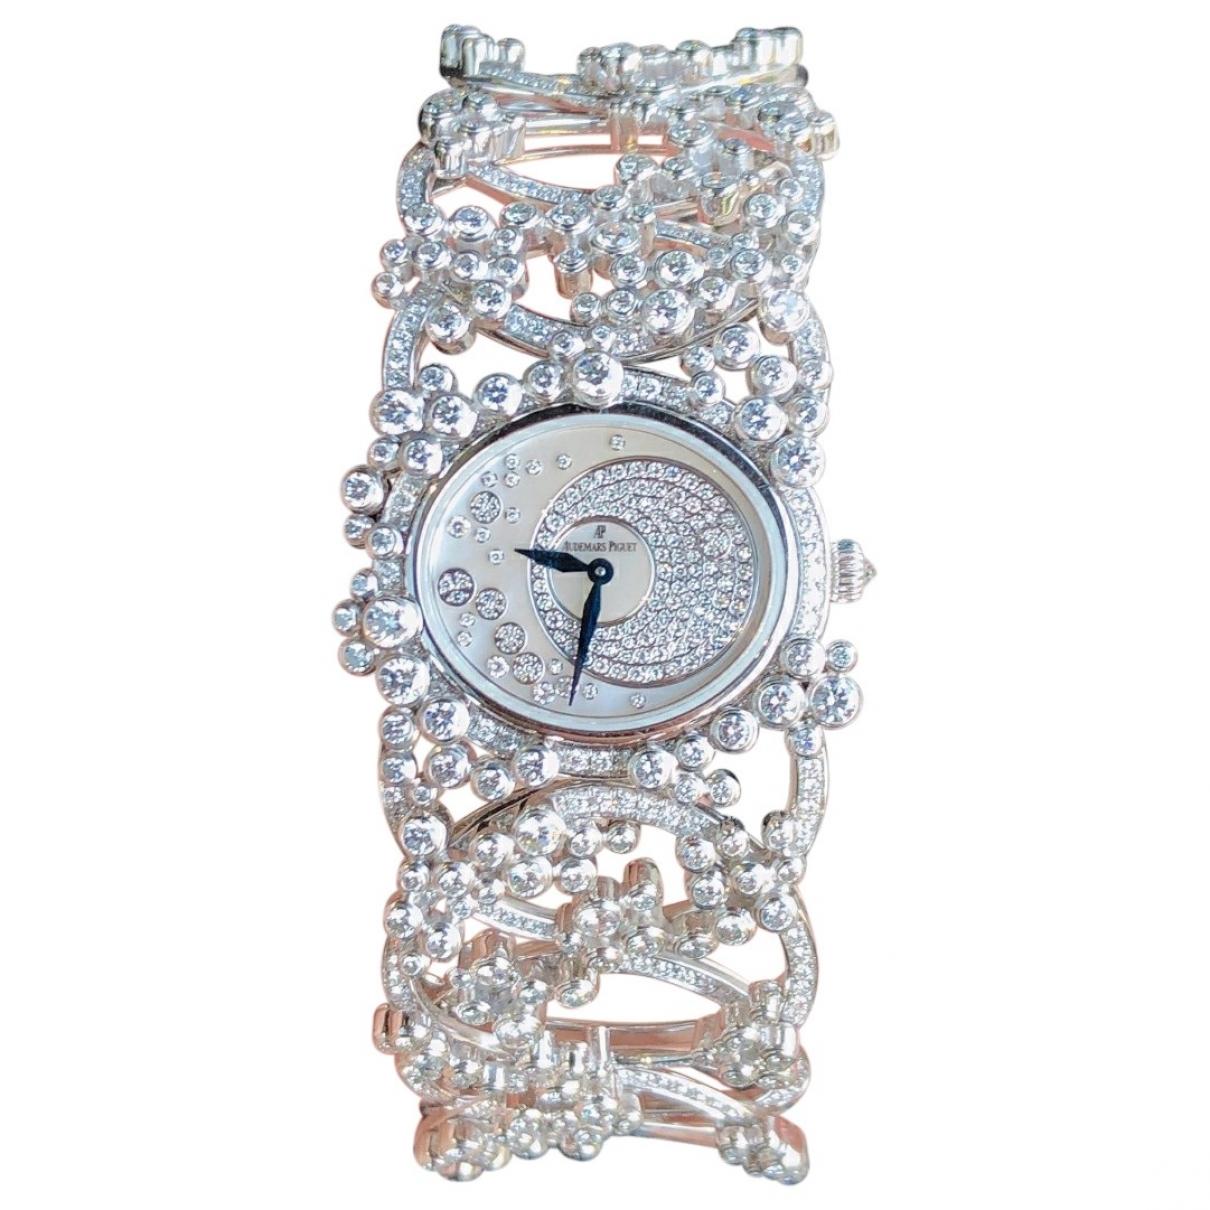 Reloj Millenary de Oro blanco Audemars Piguet